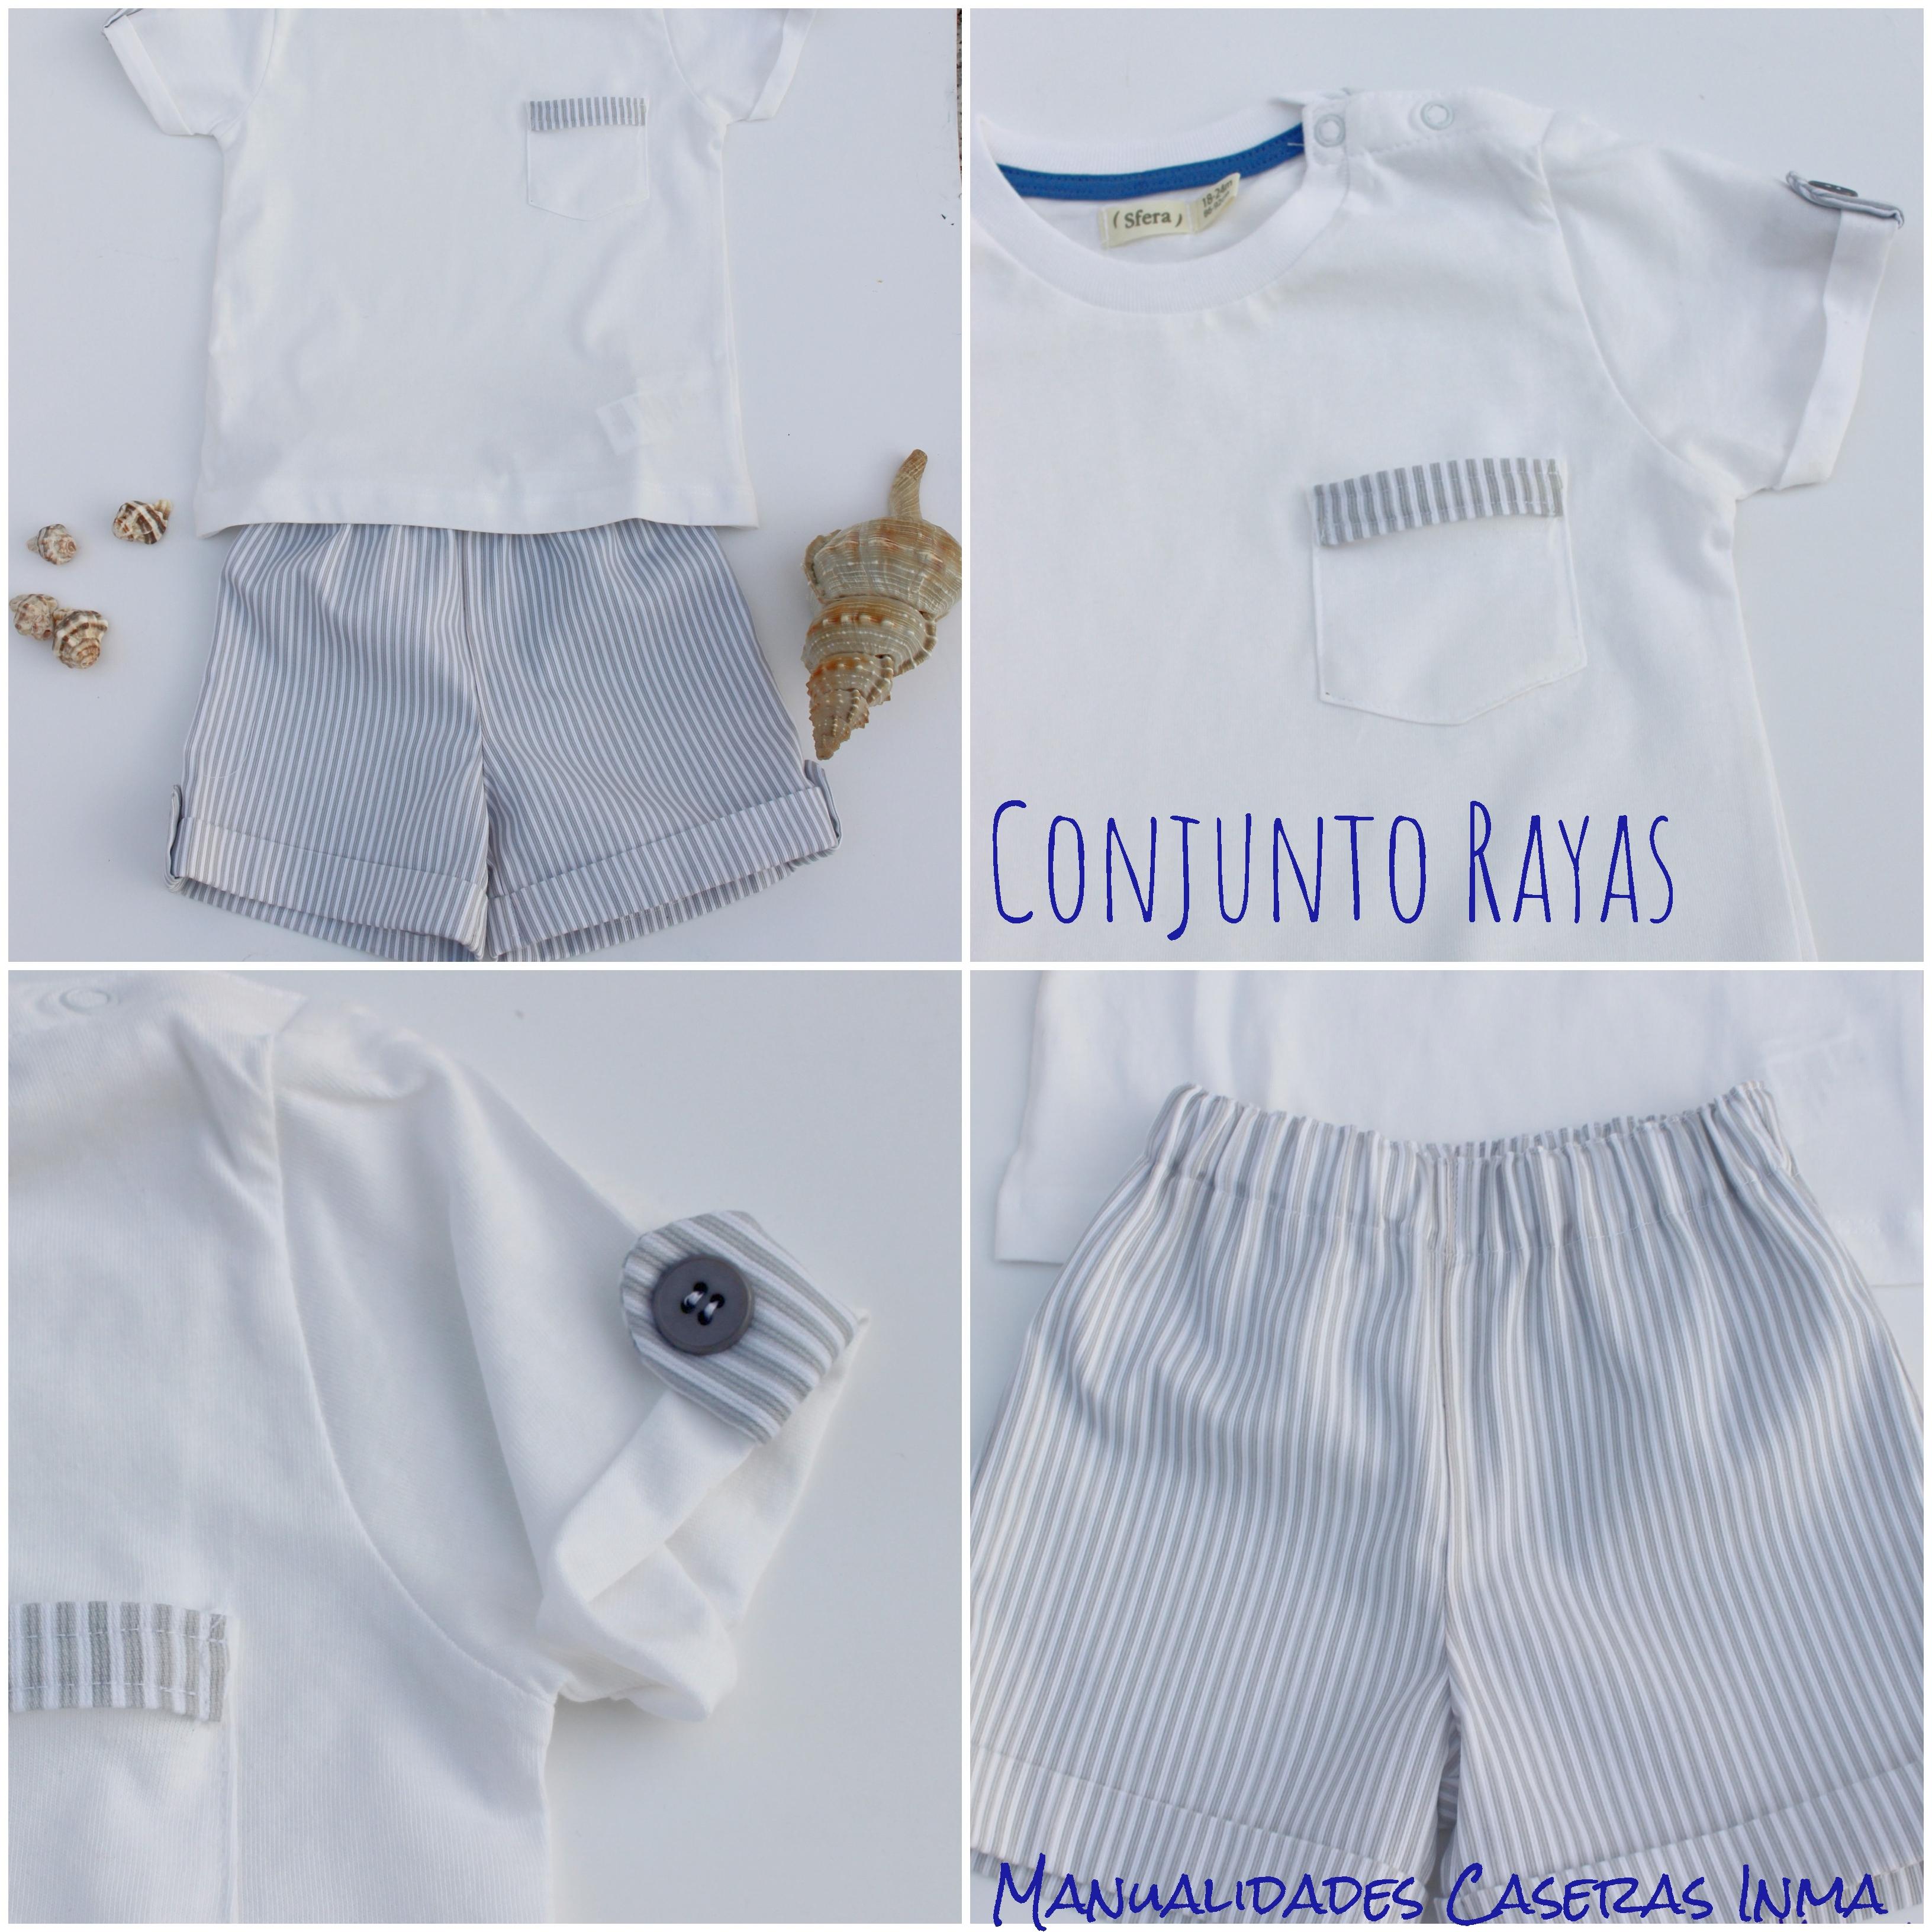 Manualidades Caseras Inma_ Conjunto Rayas para niños